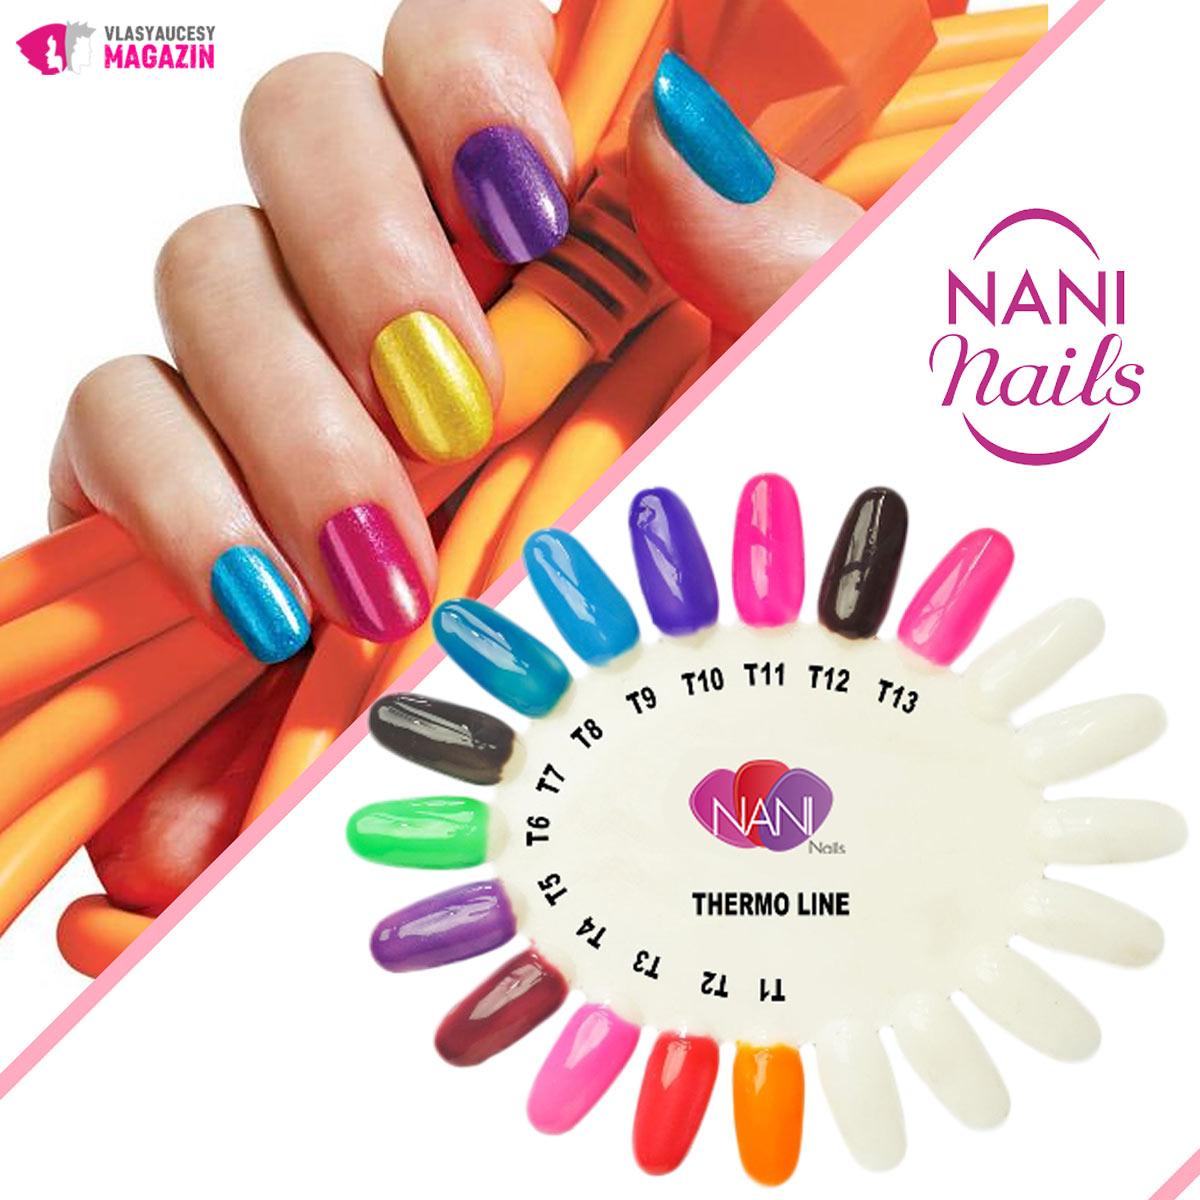 02 Manikura 2019 Termo Gel Laky Nani Nails Vlasy A Ucesy